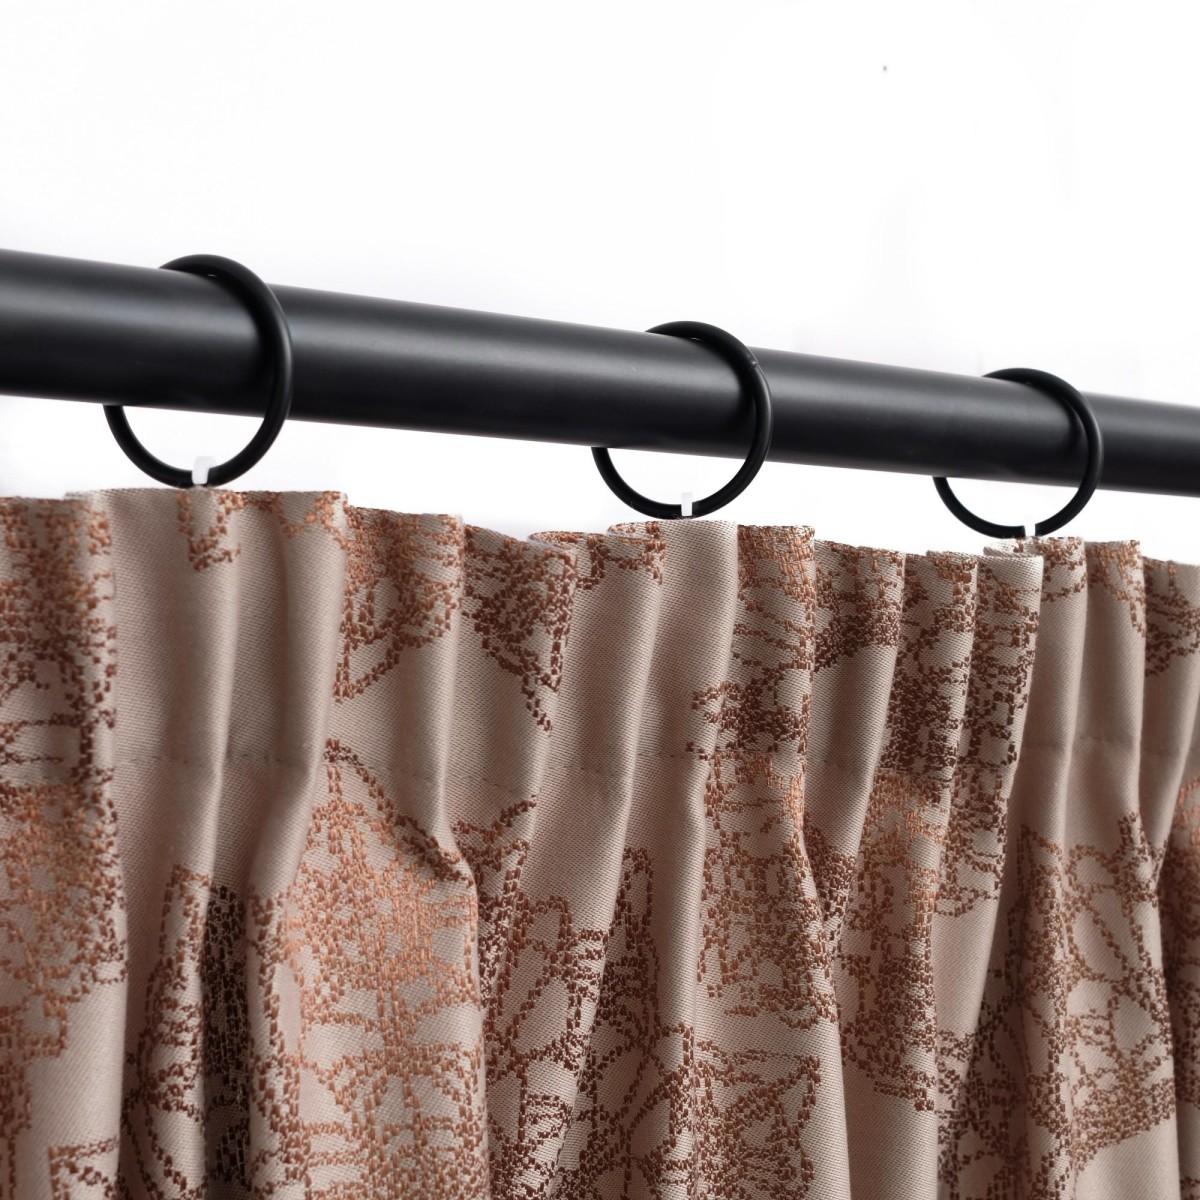 Купить ткань для пошива штор в ванную комнату купить ткань на текстиль сити в ростове